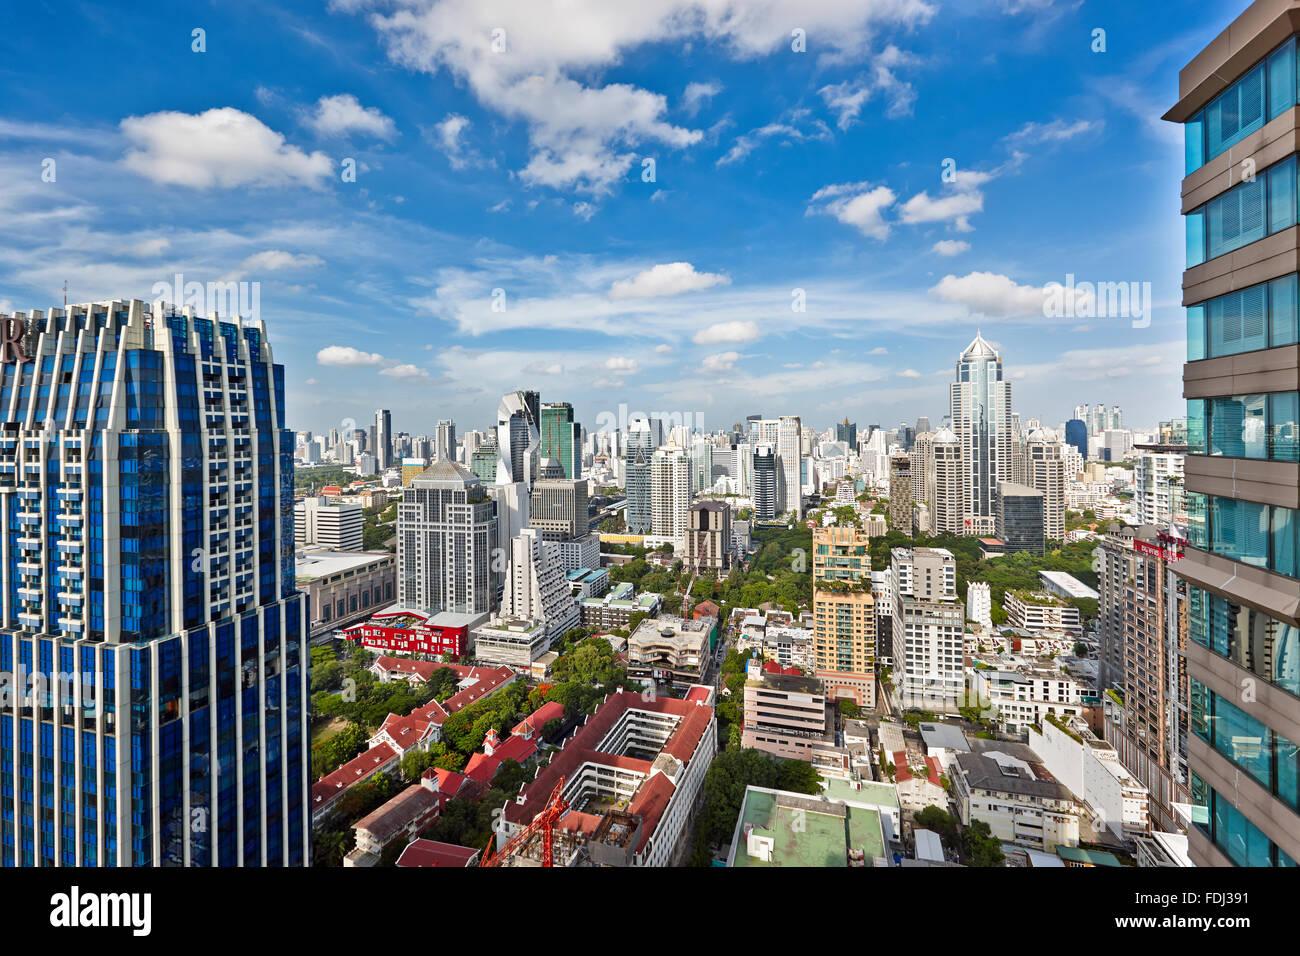 Elevada con vistas a la ciudad. Bangkok, Tailandia. Imagen De Stock